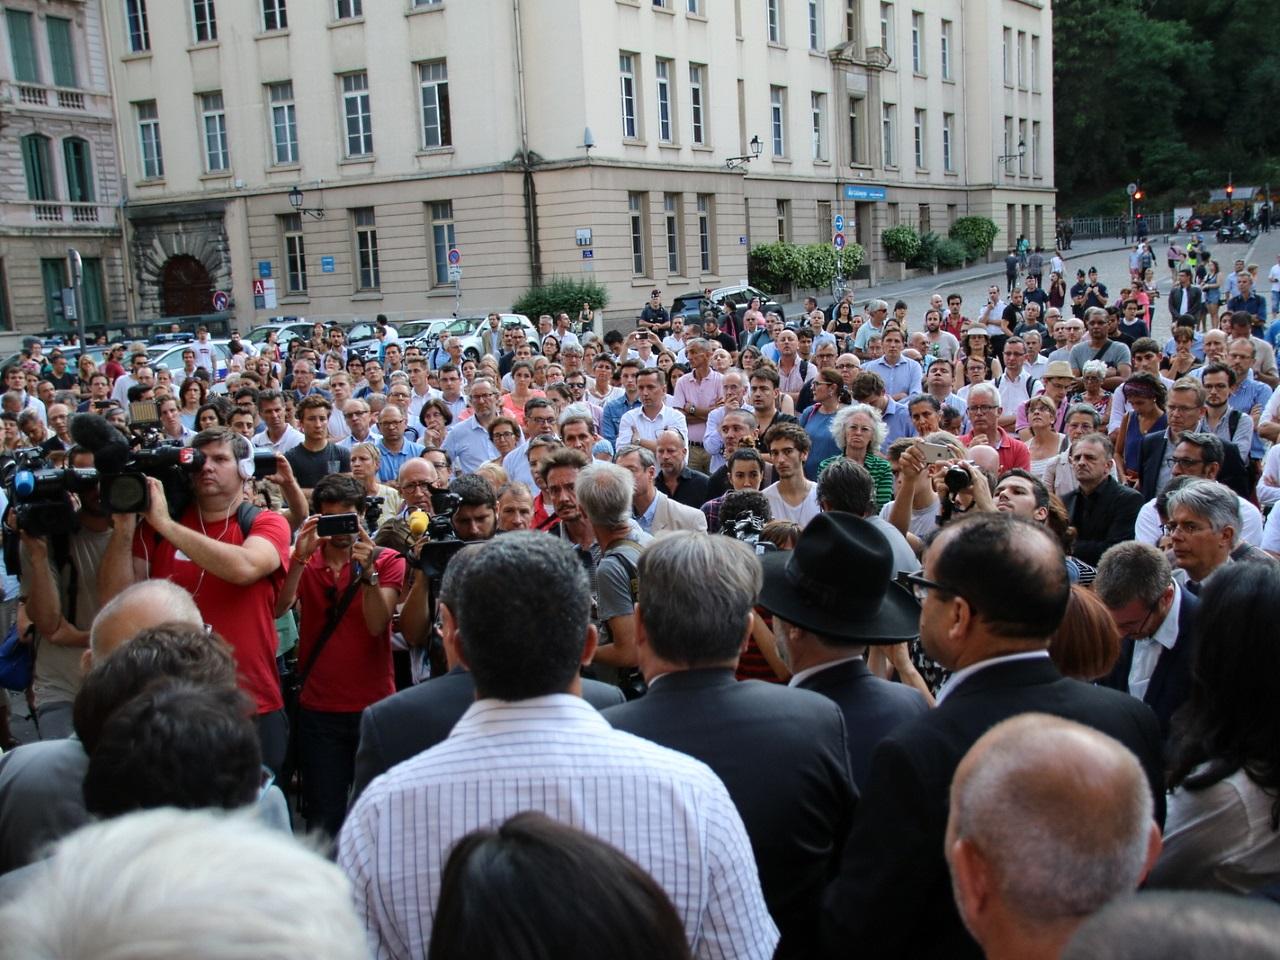 Environ 300 personnes sur la place devant la cathédrale Saint-Jean - LyonMag